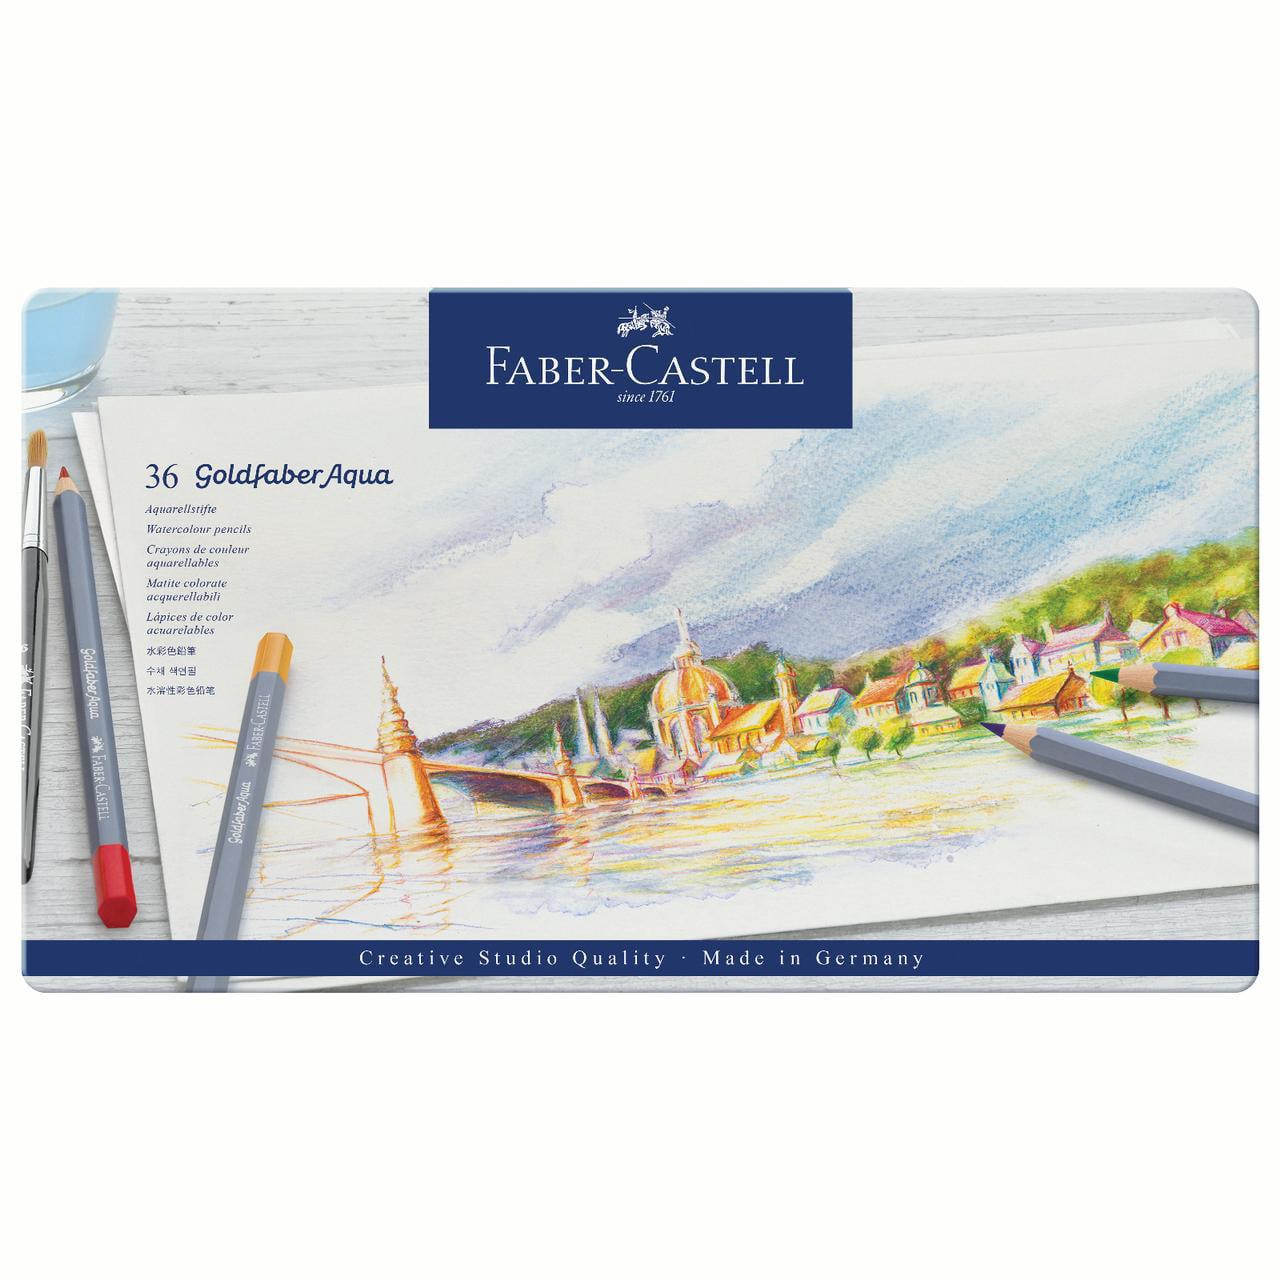 Faber-Castell Goldfaber Aqua Watercolor Pencil Tin Set, 36-Colors